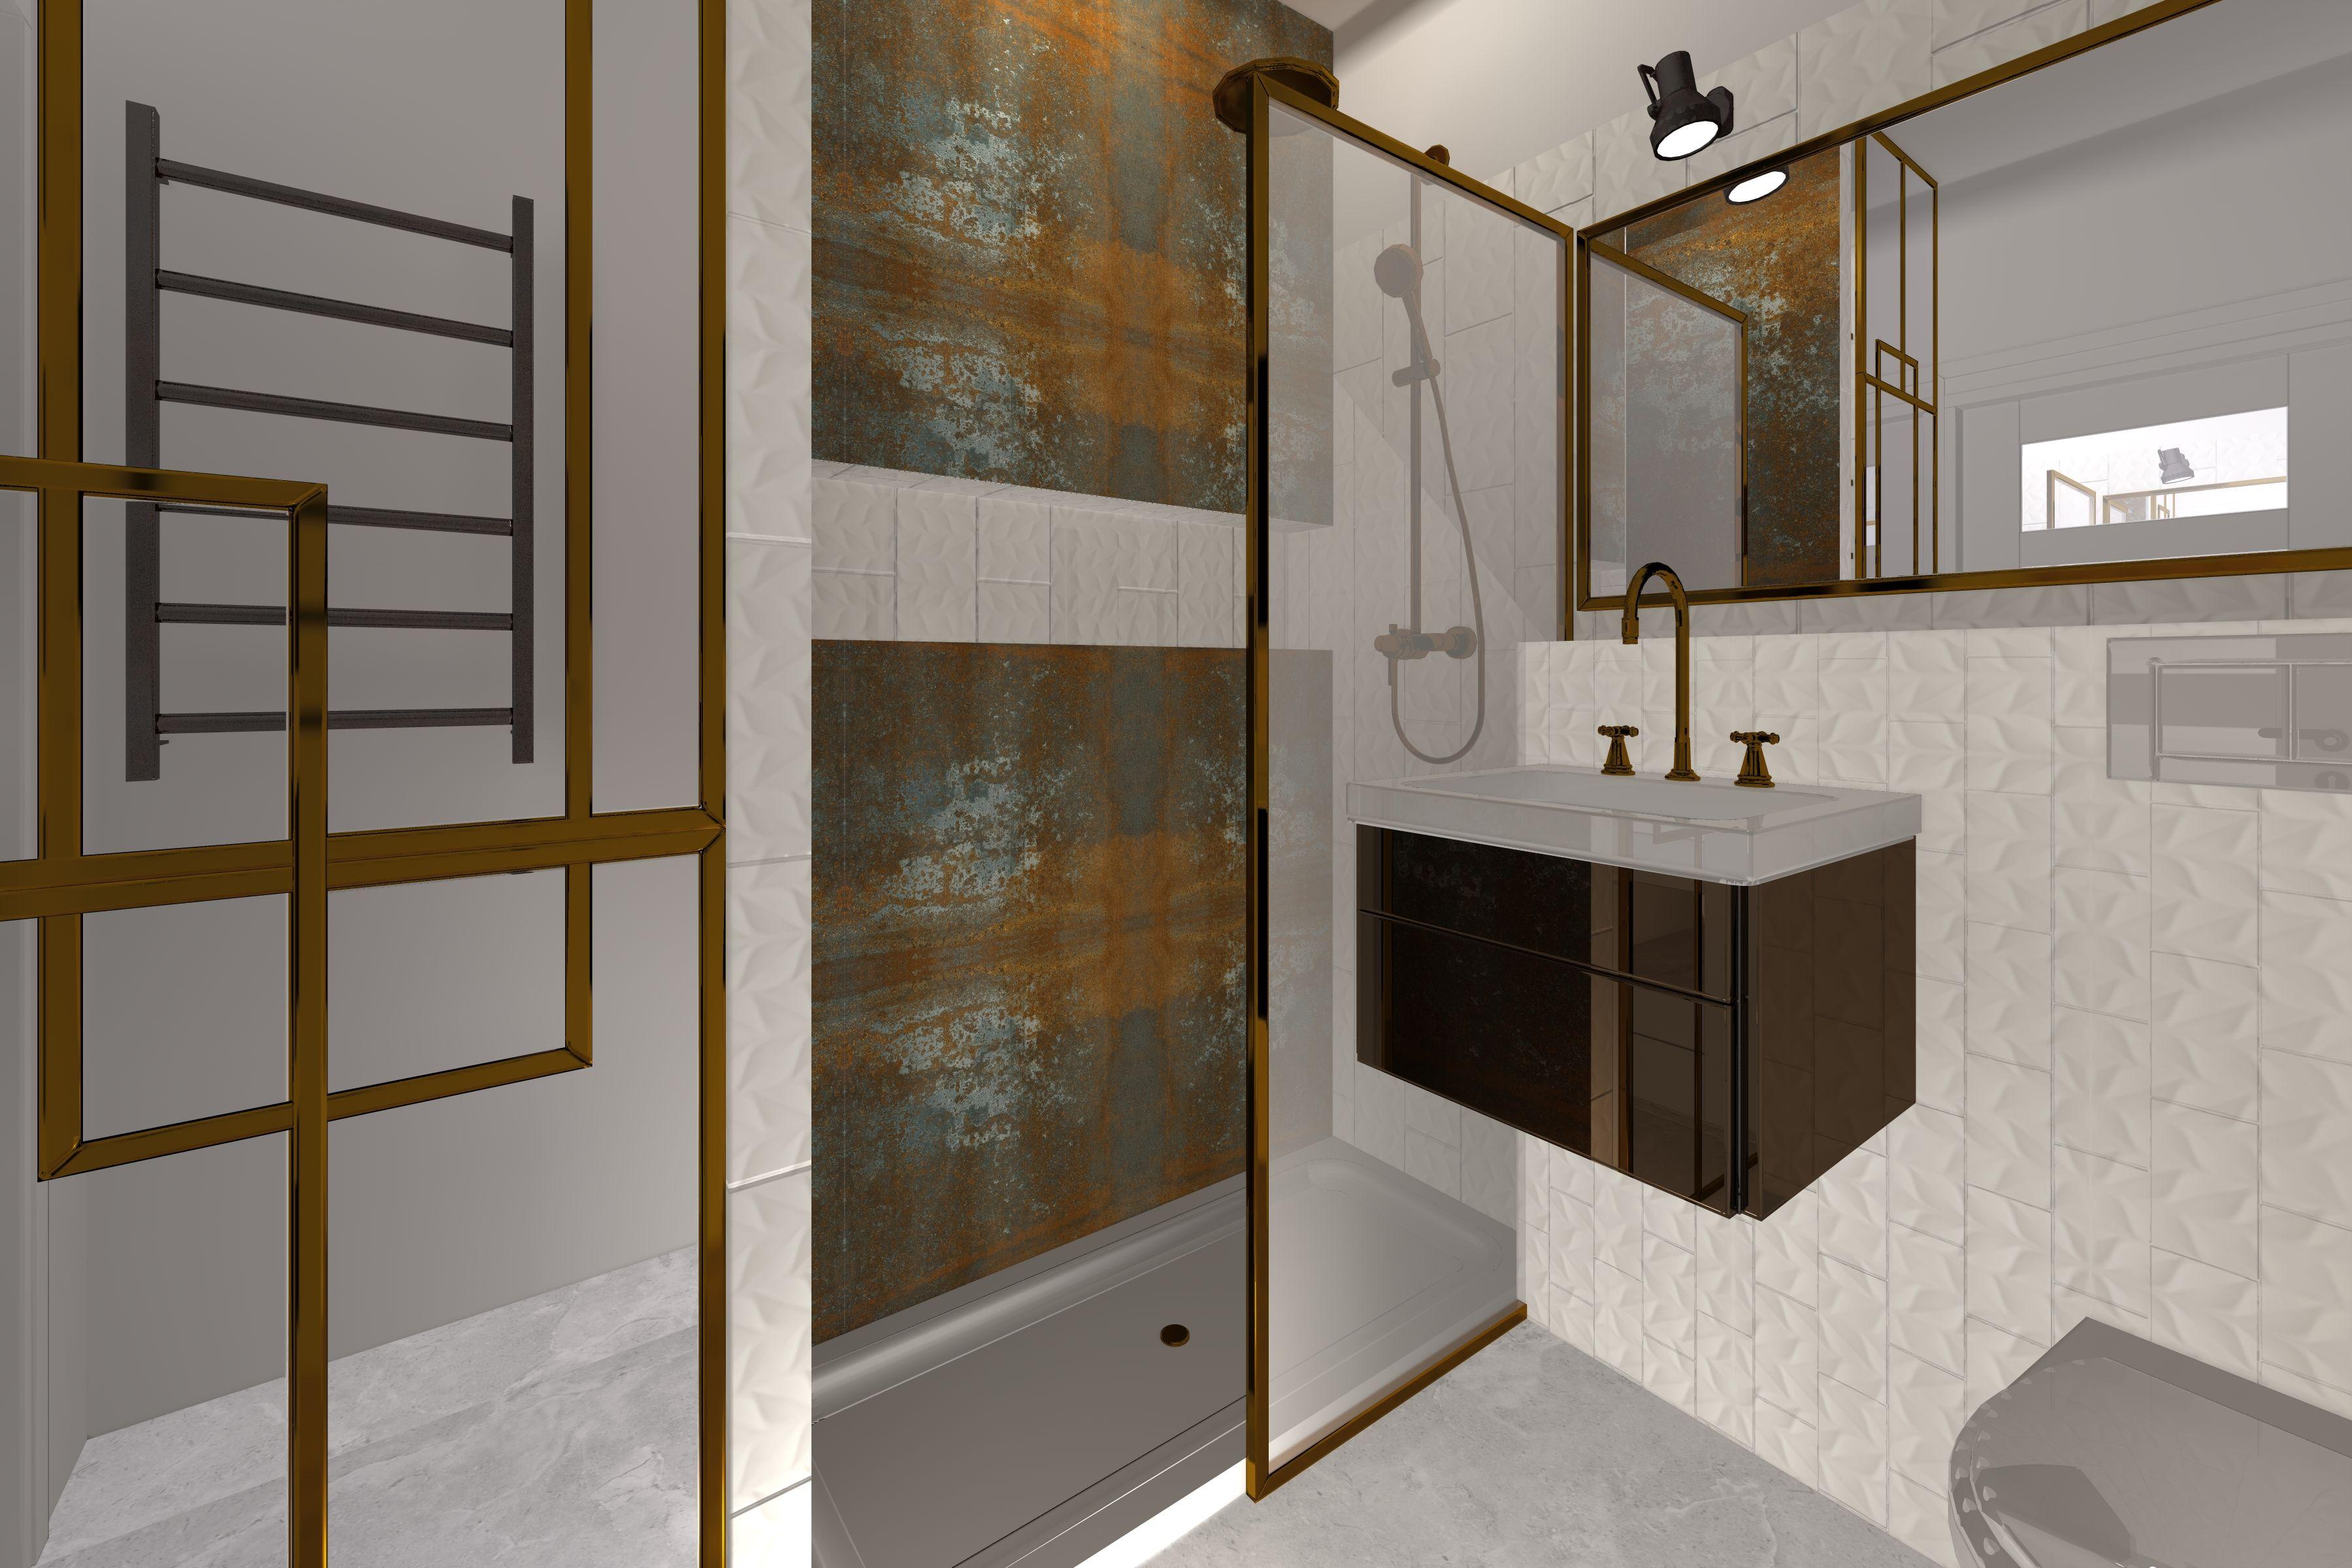 łazienka Utrzymana W Loftowym Stylu Który Podkreślają